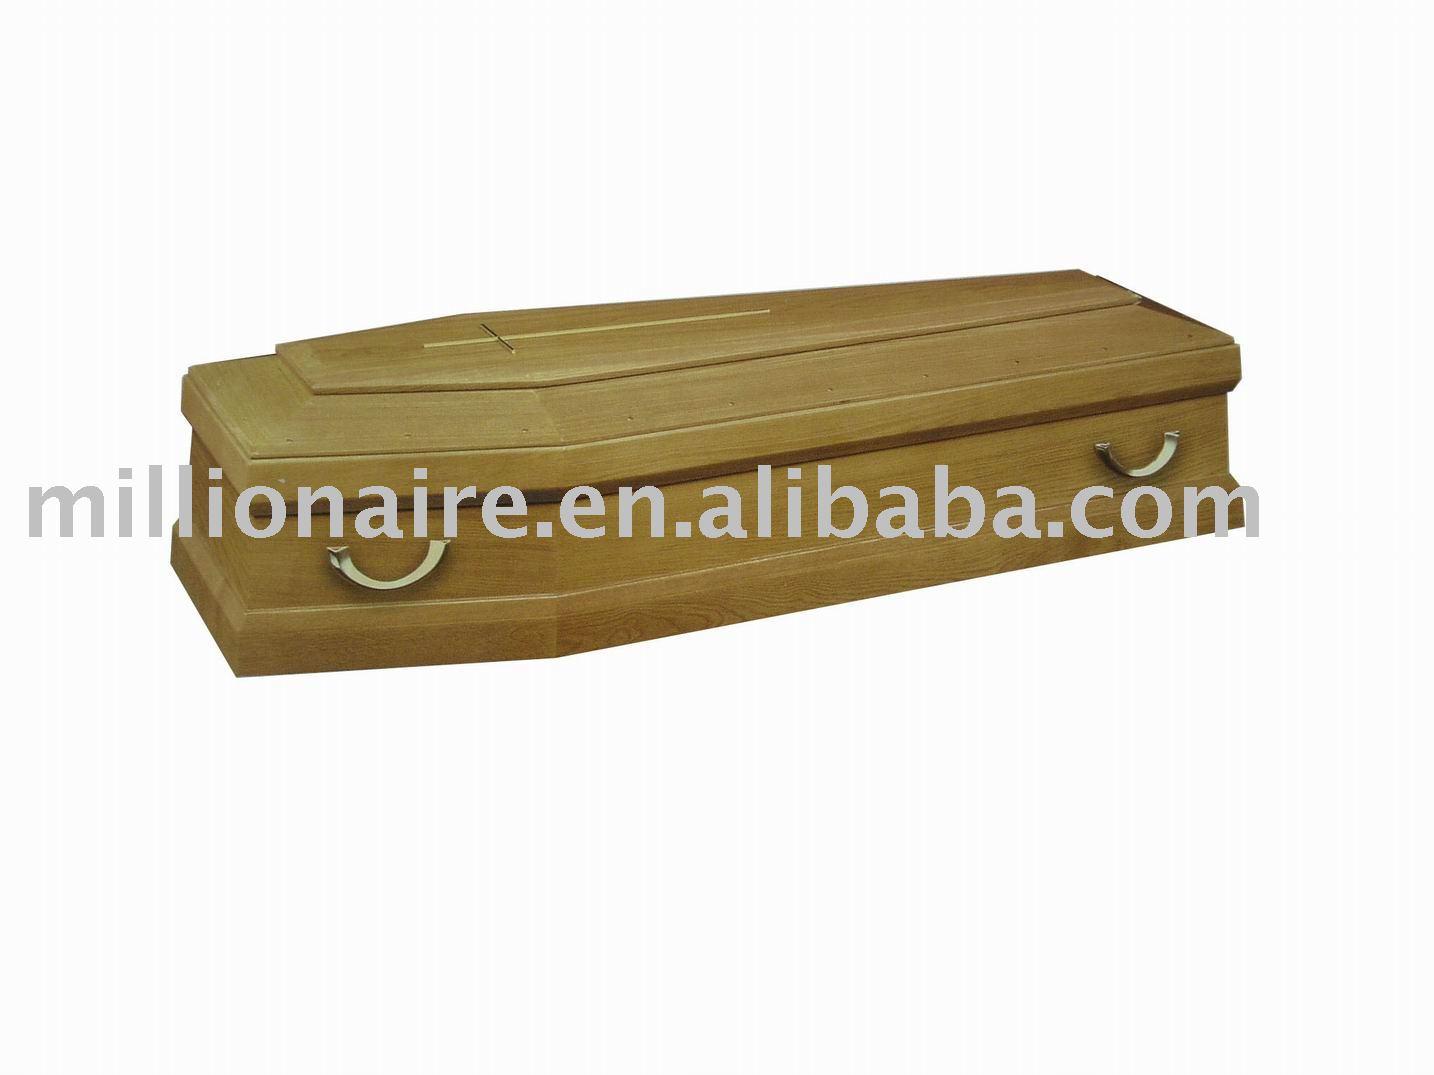 Bebé de madera de roble ataúd ventas calientes, Funeral ataúd